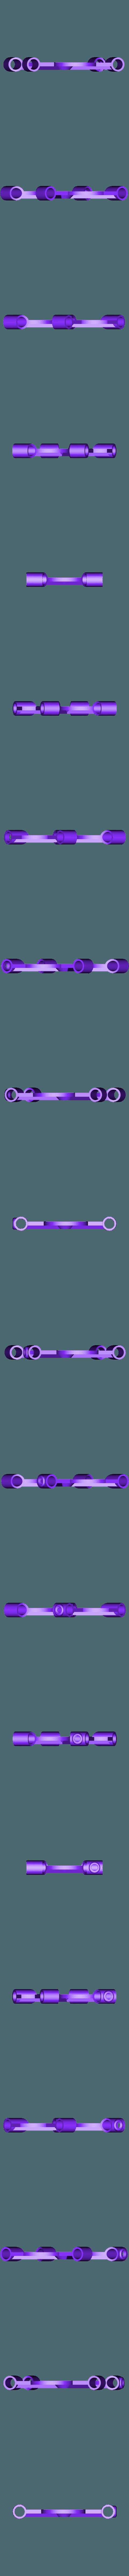 Carriage.stl Télécharger fichier STL gratuit Support de caméra de plafond pour plafonds commerciaux de 600 mm • Design imprimable en 3D, PapaBravo